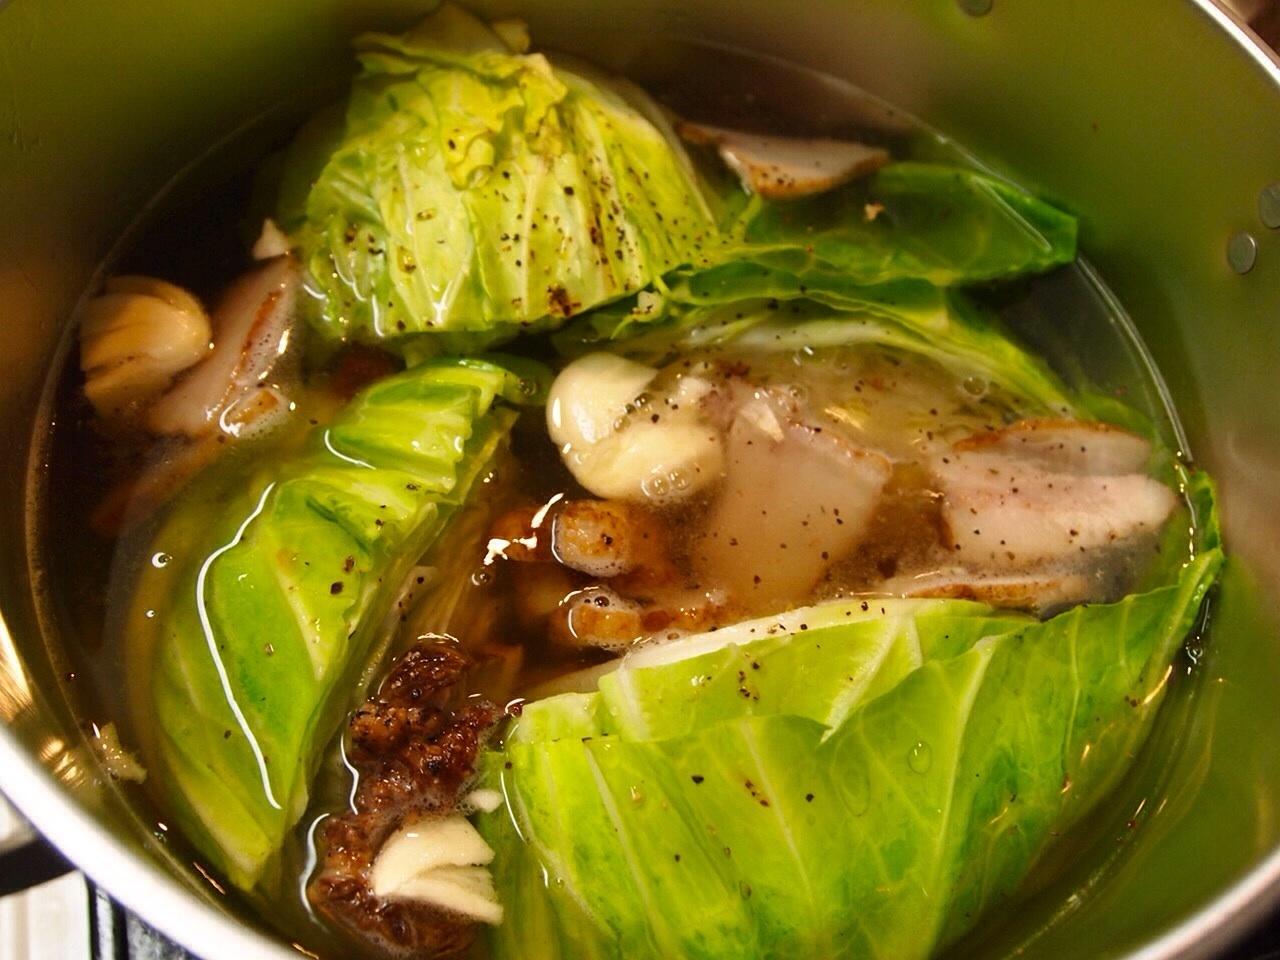 そら豆のグリーンサラダ_a0258686_06052498.jpg